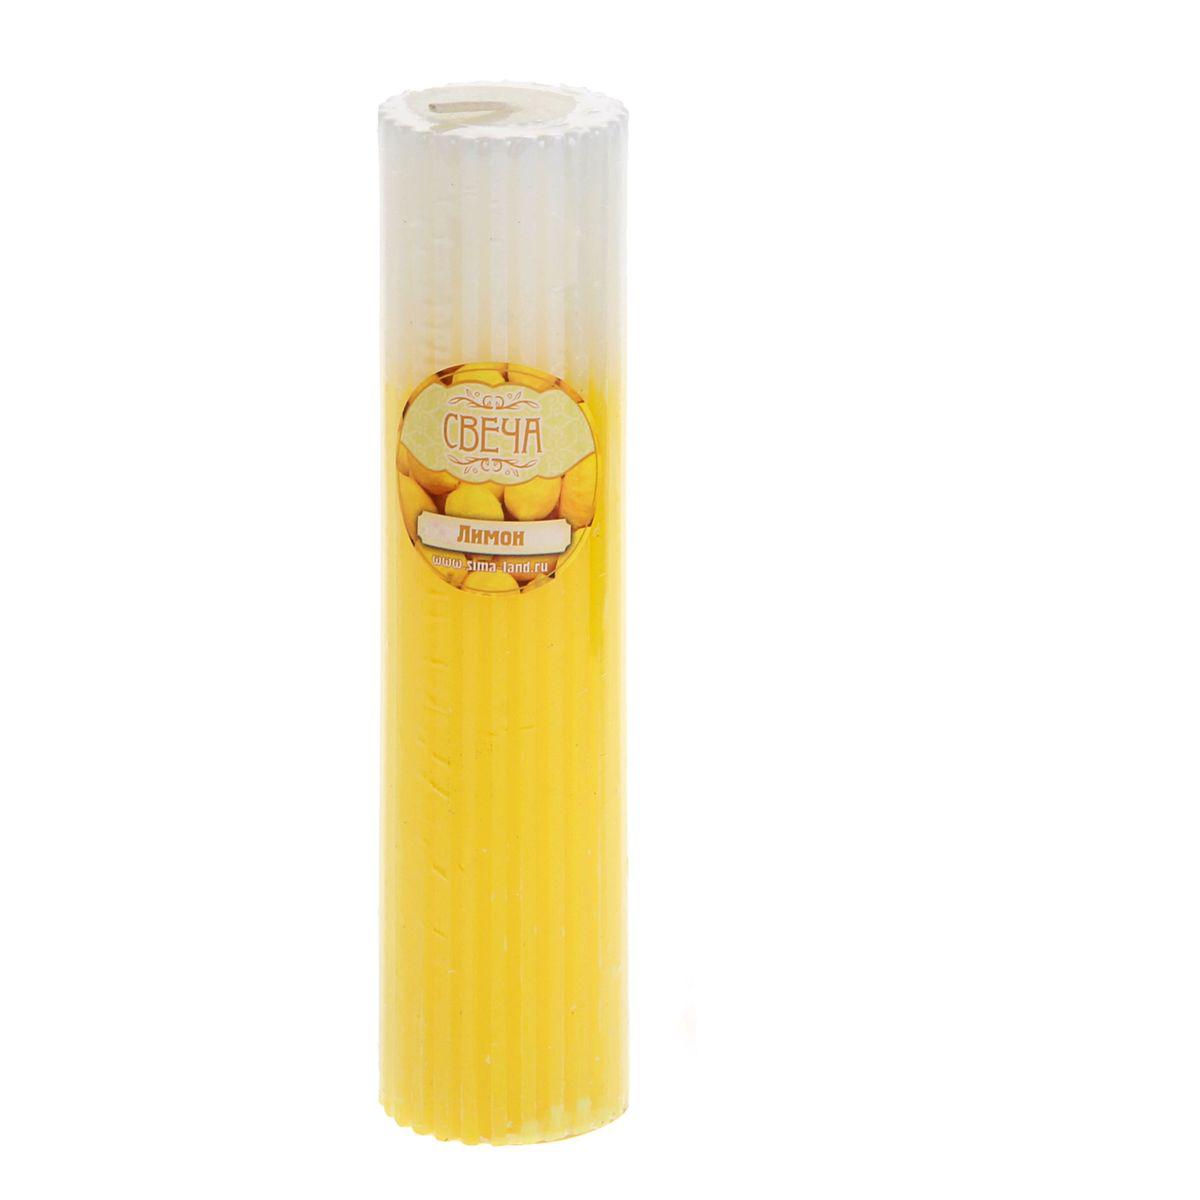 Свеча ароматизированная Sima-land Лимон, высота 15 смFS-91909Свеча Sima-land Лимон выполнена из воска и оформлена резным рельефом. Свеча порадует ярким дизайном и сочным ароматом лимона, который понравится как женщинам, так и мужчинам. Создайте для себя и своих близких незабываемую атмосферу праздника в доме. Ароматическая свеча Sima-land Лимон раскрасит серые будни яркими красками.